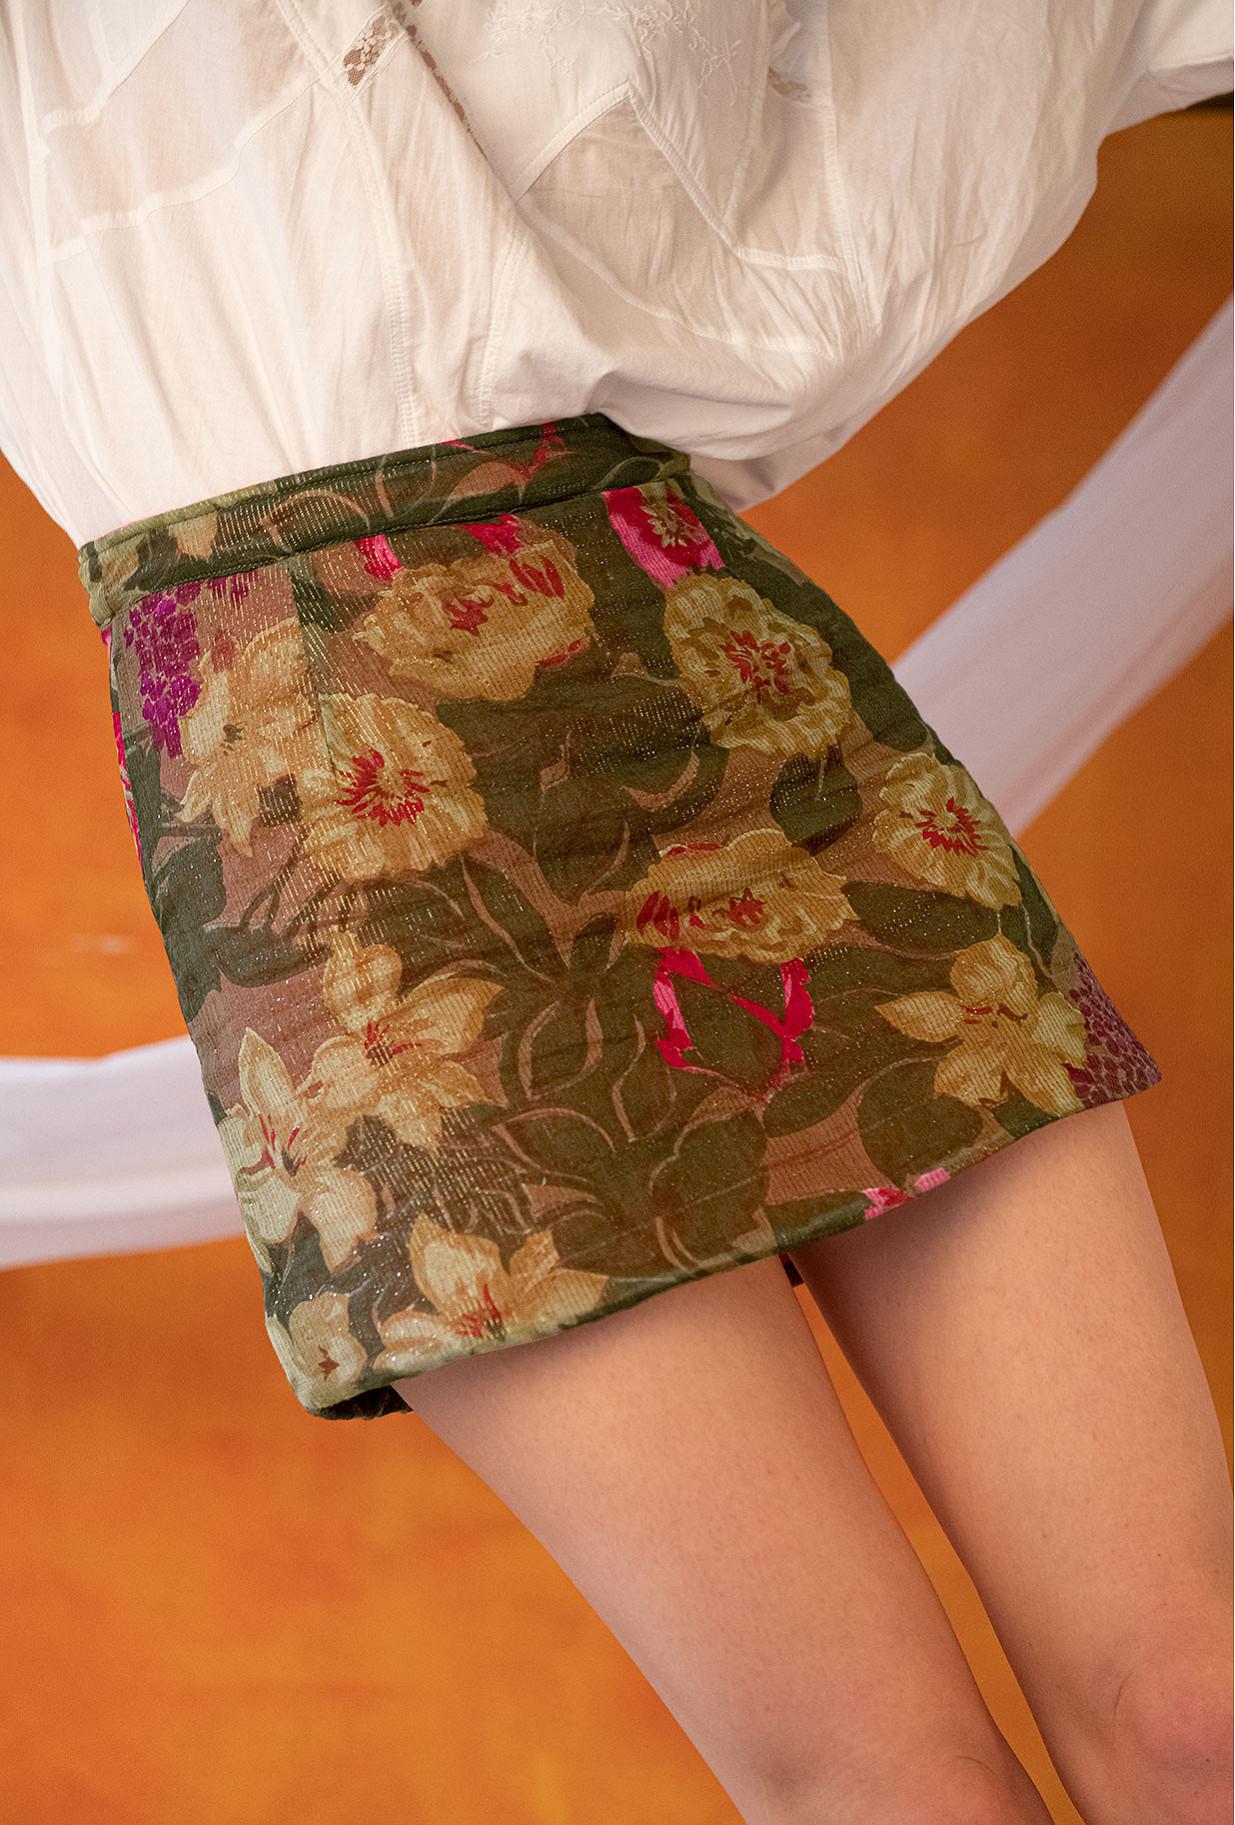 Jupe Imprimé fleuri  Alhelis mes demoiselles paris vêtement femme paris